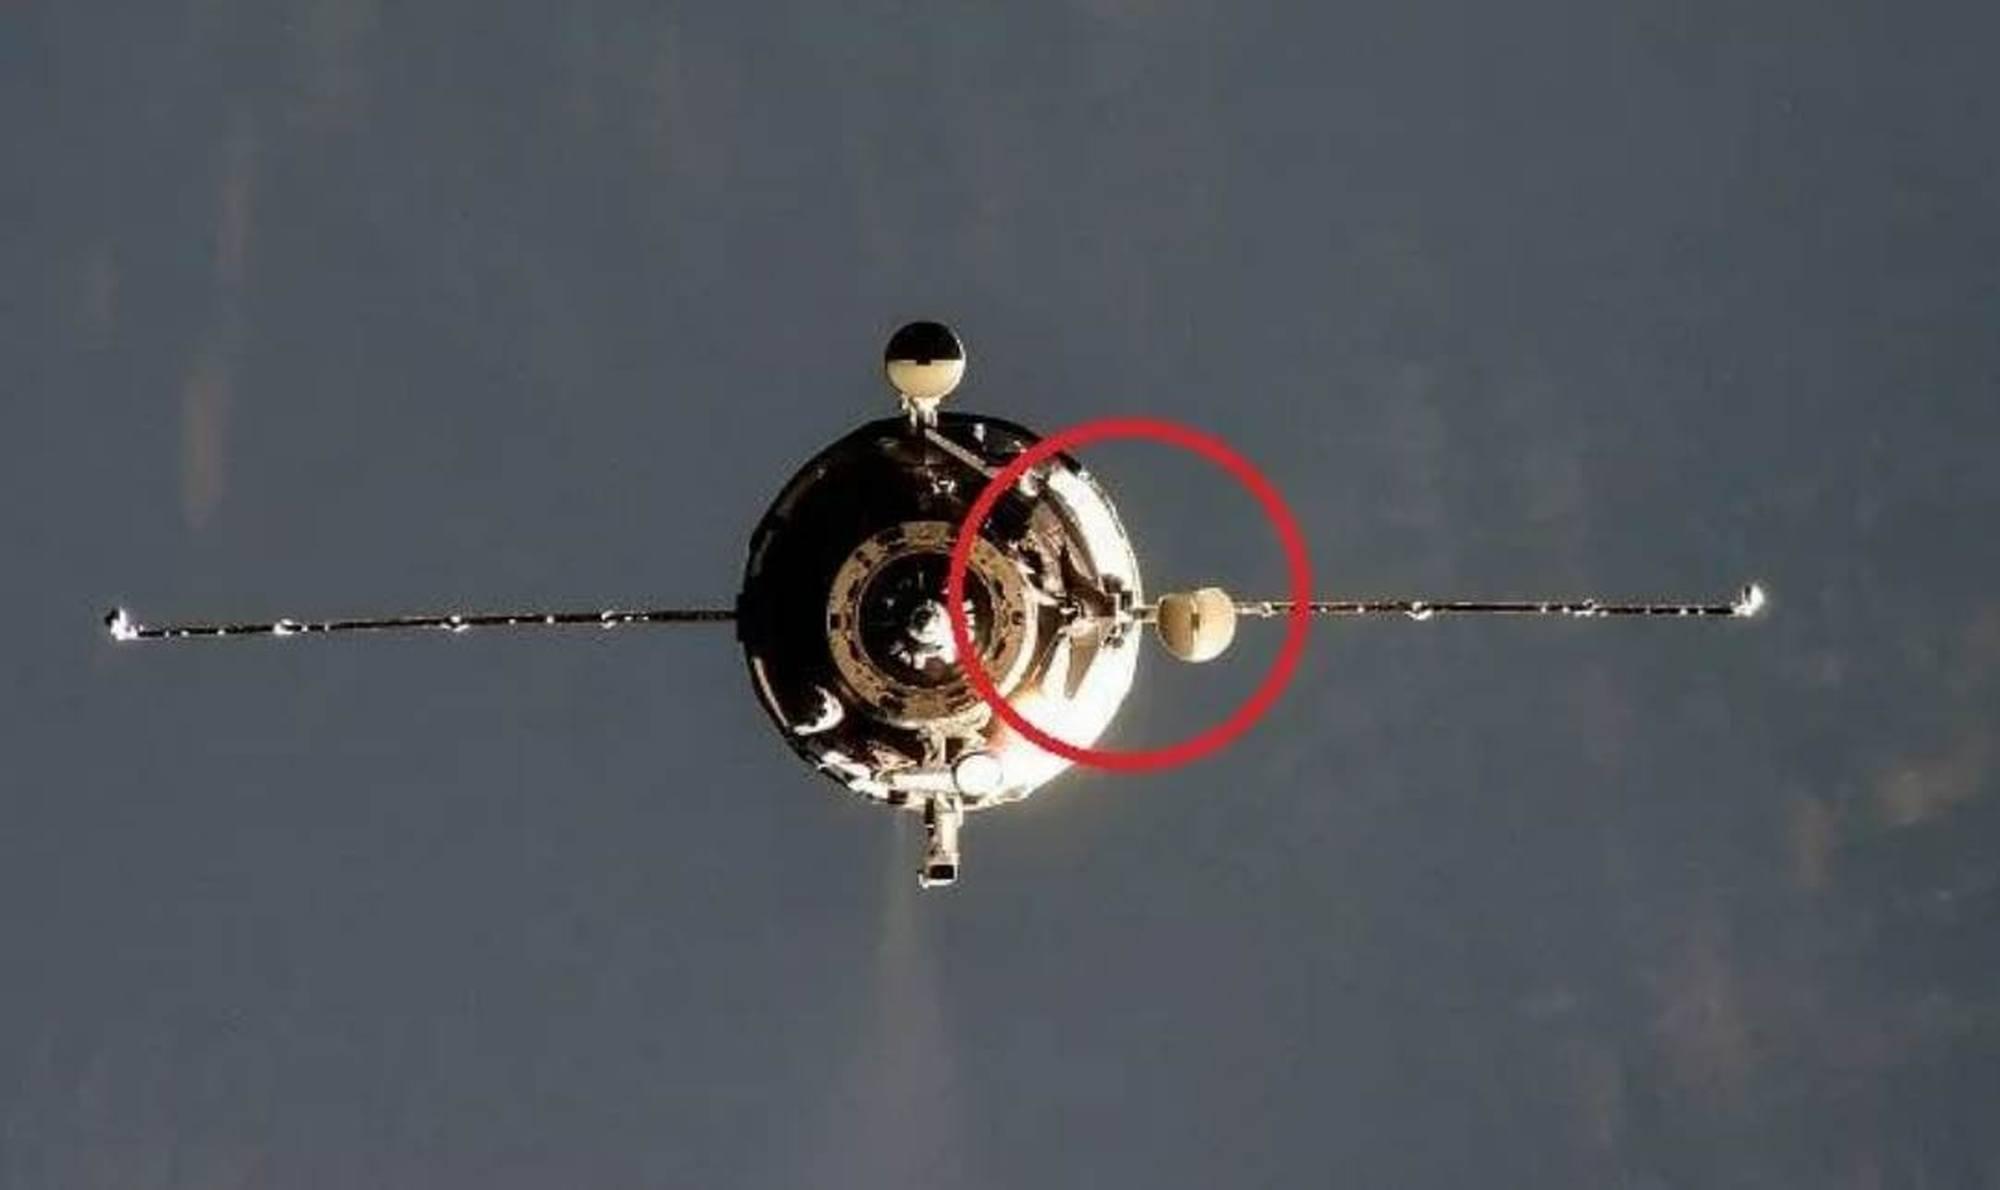 Dans le cercle rouge la parabole dont le bord a été plié et l'écran métallique à sa base abimé.